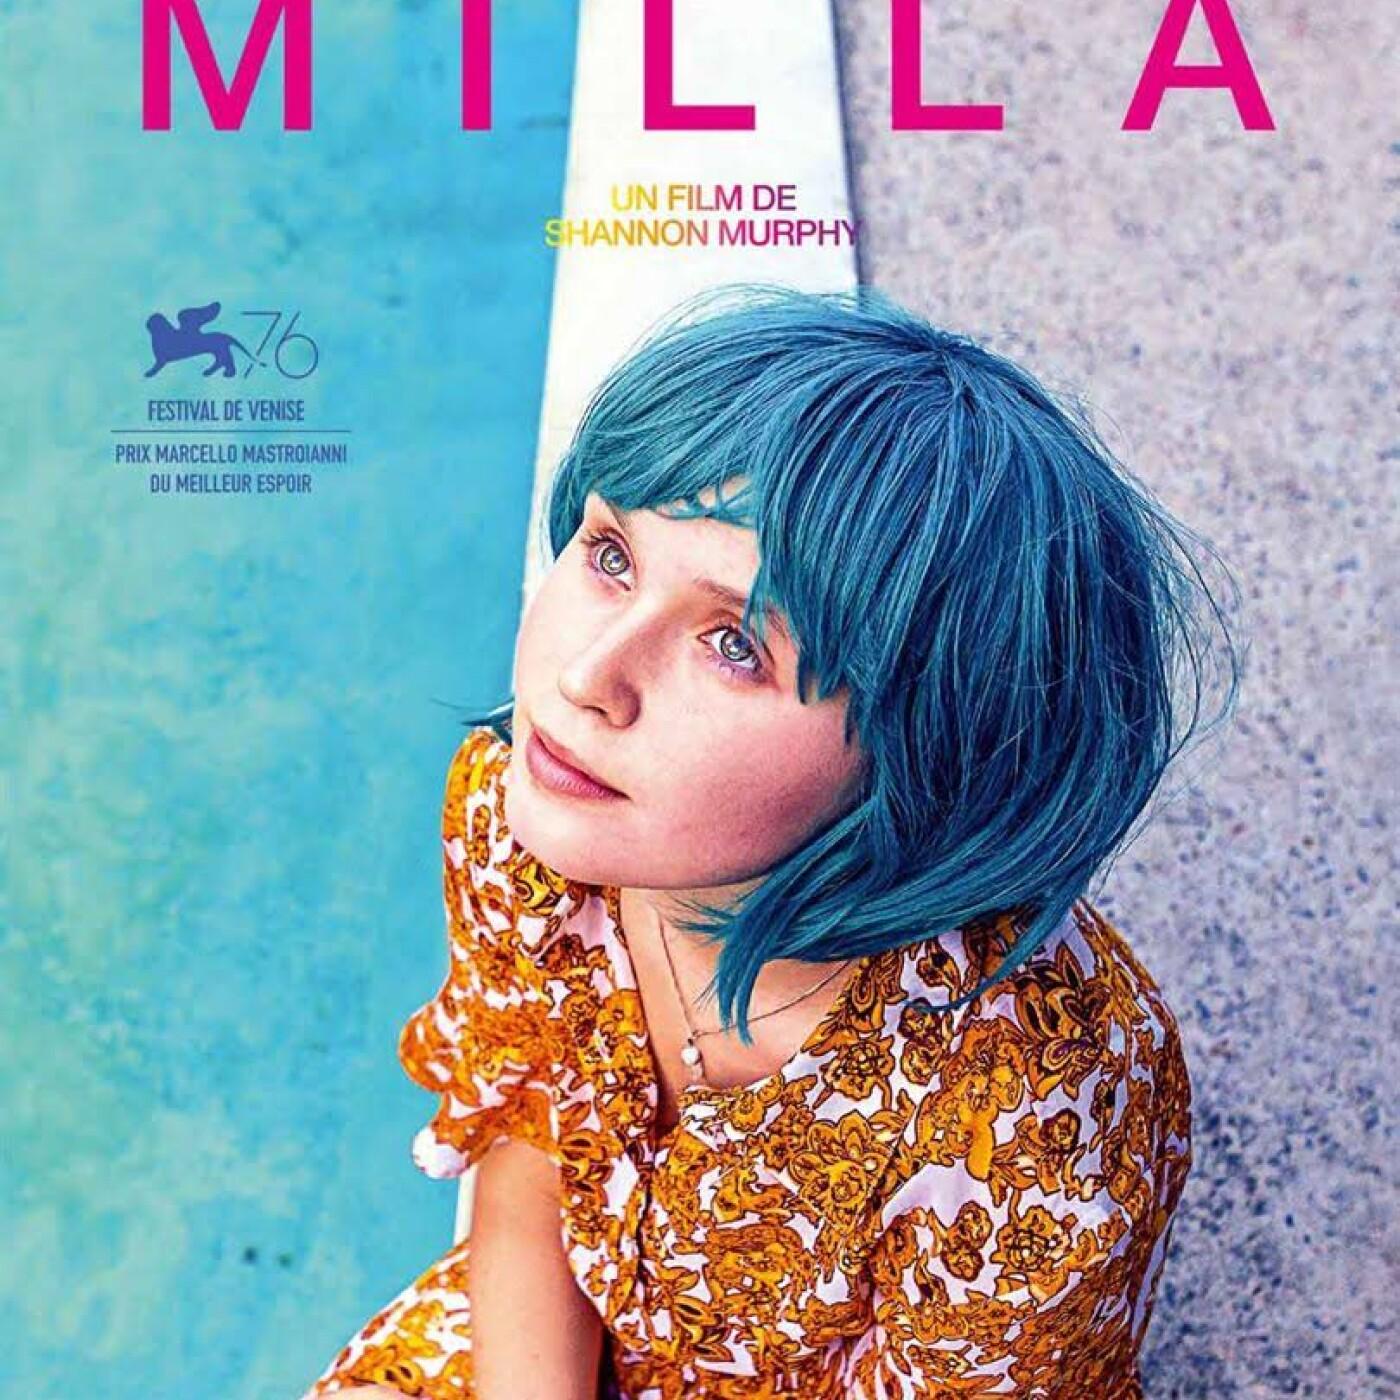 Romeo zoome sur le film Australien Milla - 02 09 2021 - StereoChic Radio